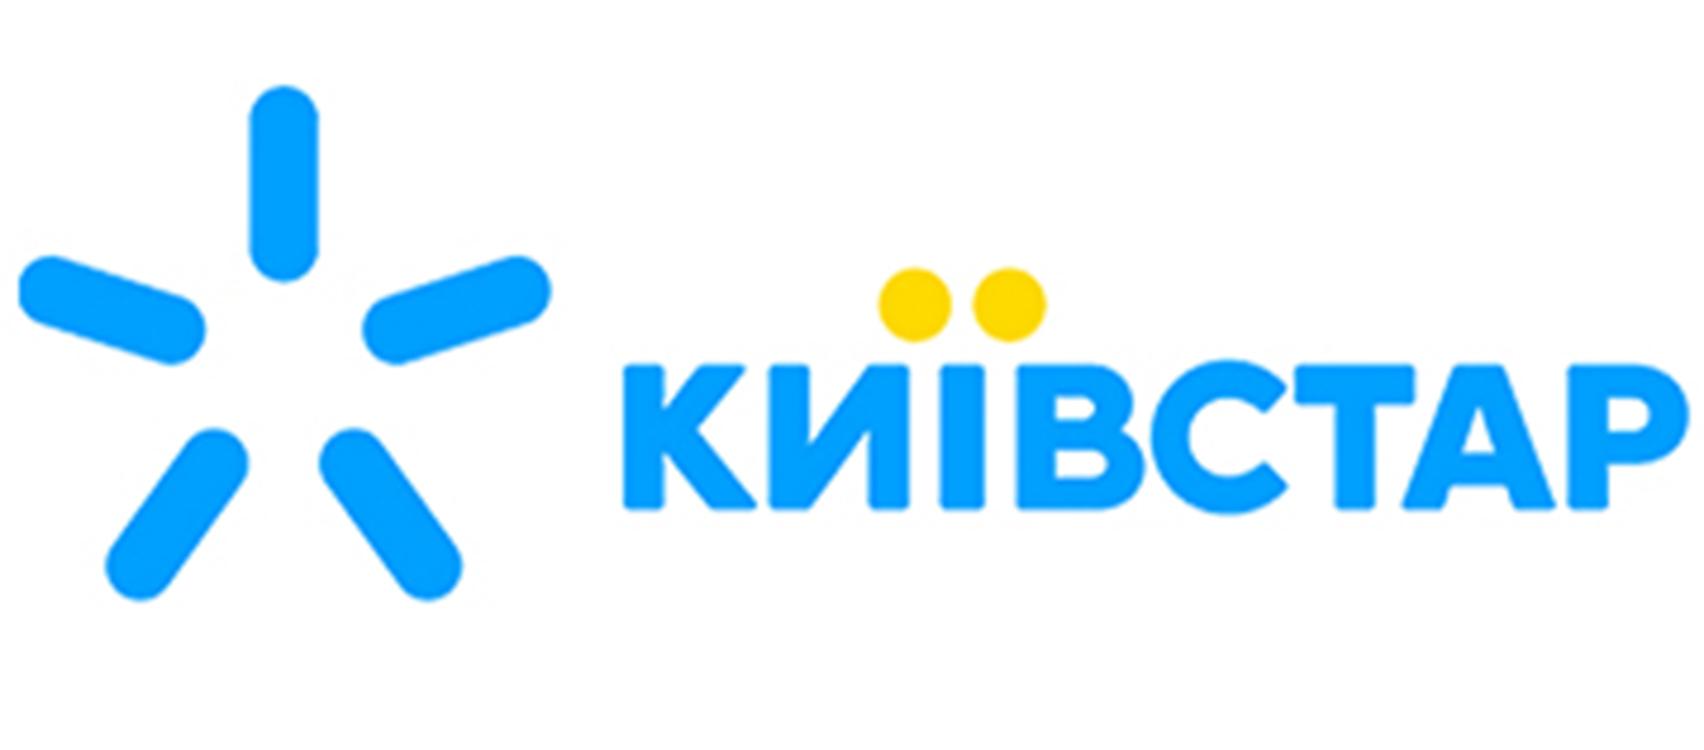 Київстар - поповнення рахунку за номером телефону